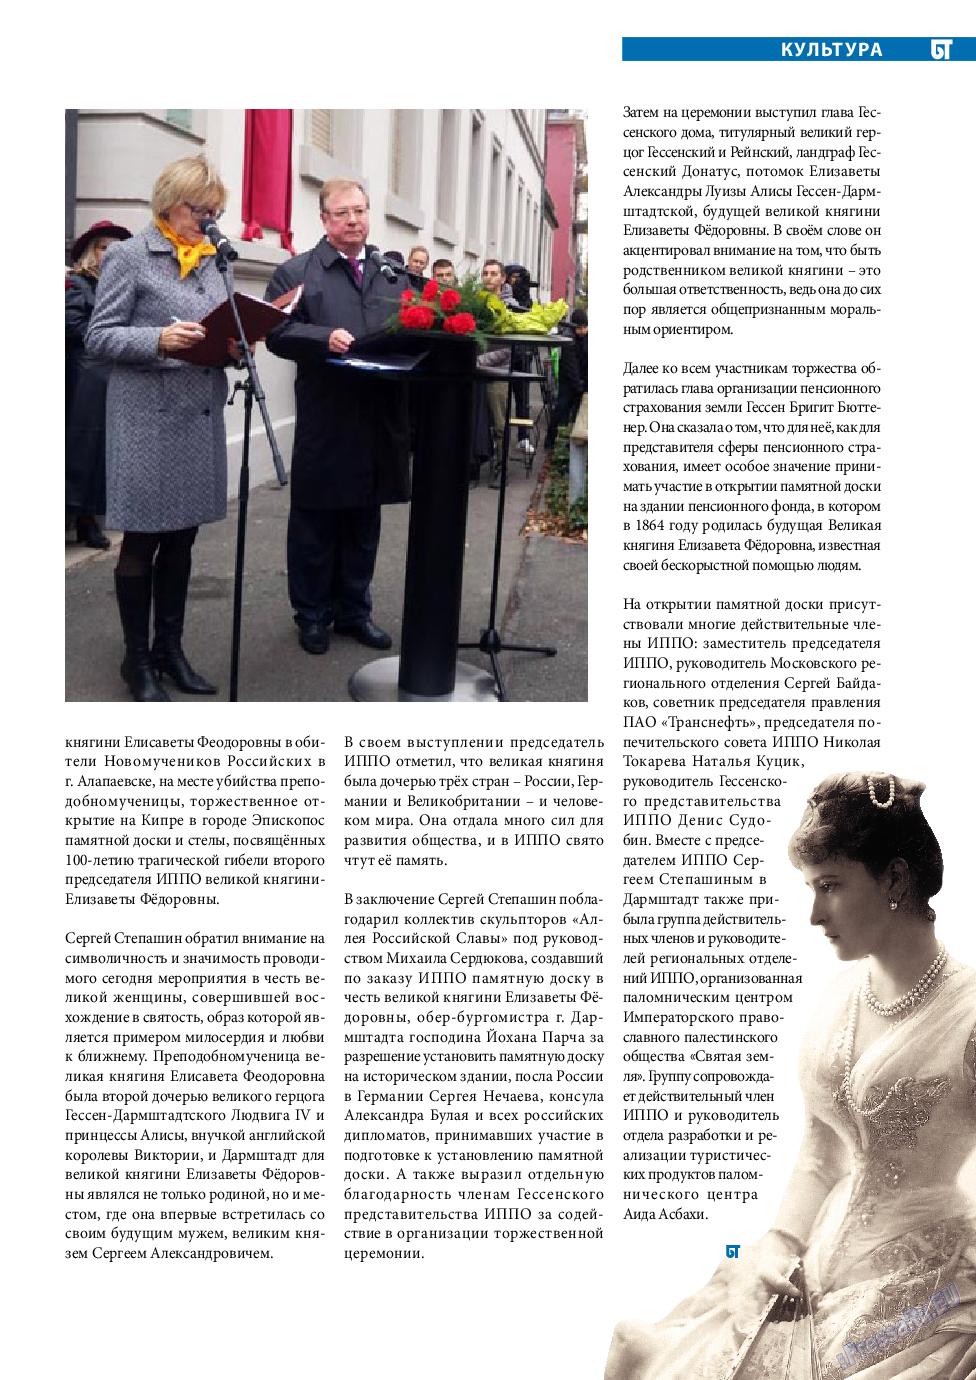 Берлинский телеграф (журнал). 2018 год, номер 32, стр. 27